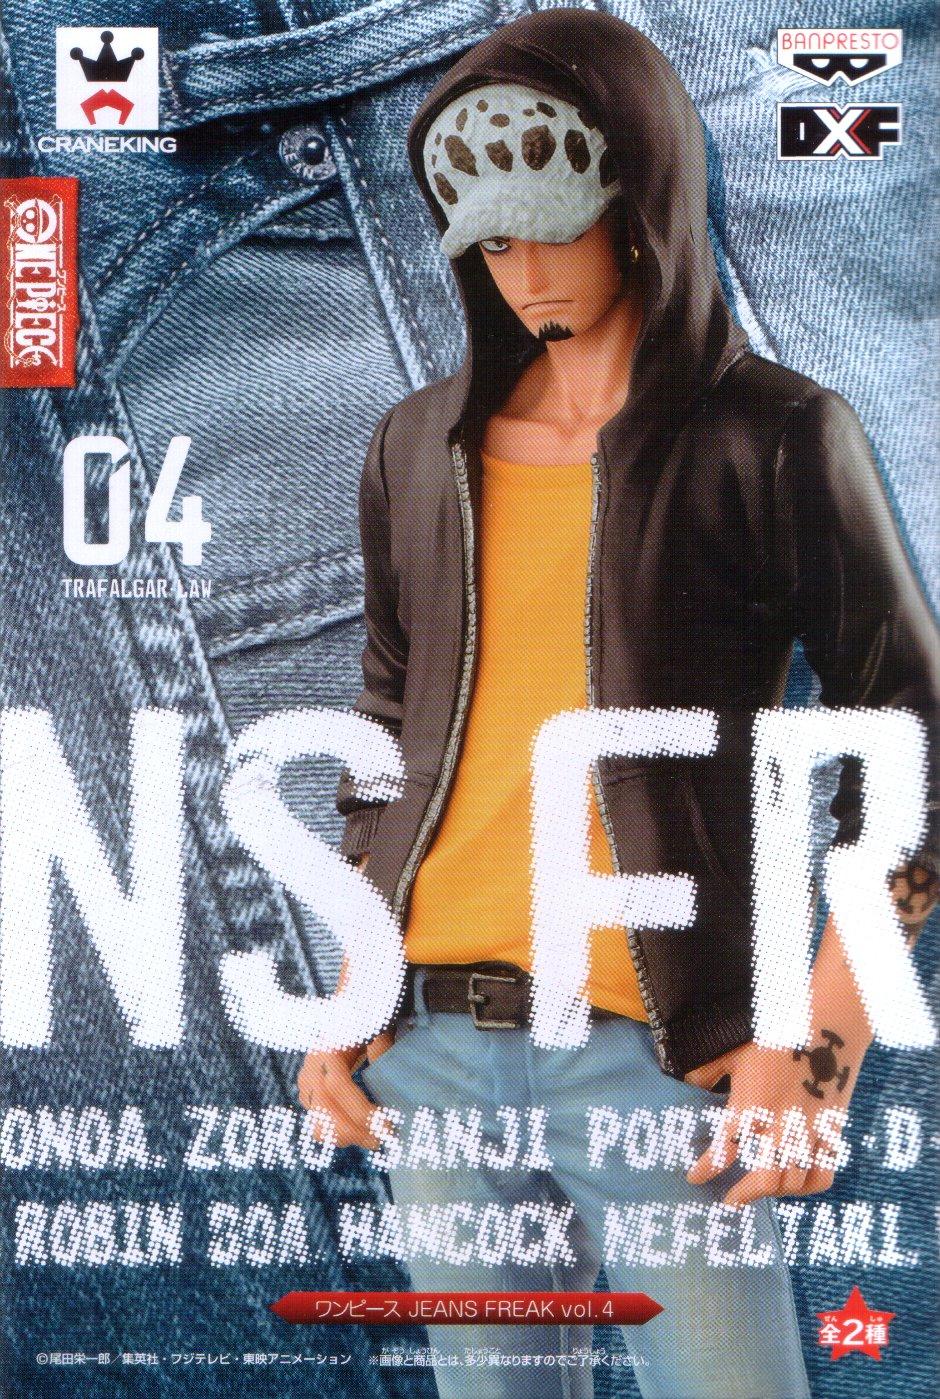 台灣代理版 Jeans Freak 系列 牛仔褲系列 托拉法爾加 羅  黃色上衣 海賊王 ONE PIECE